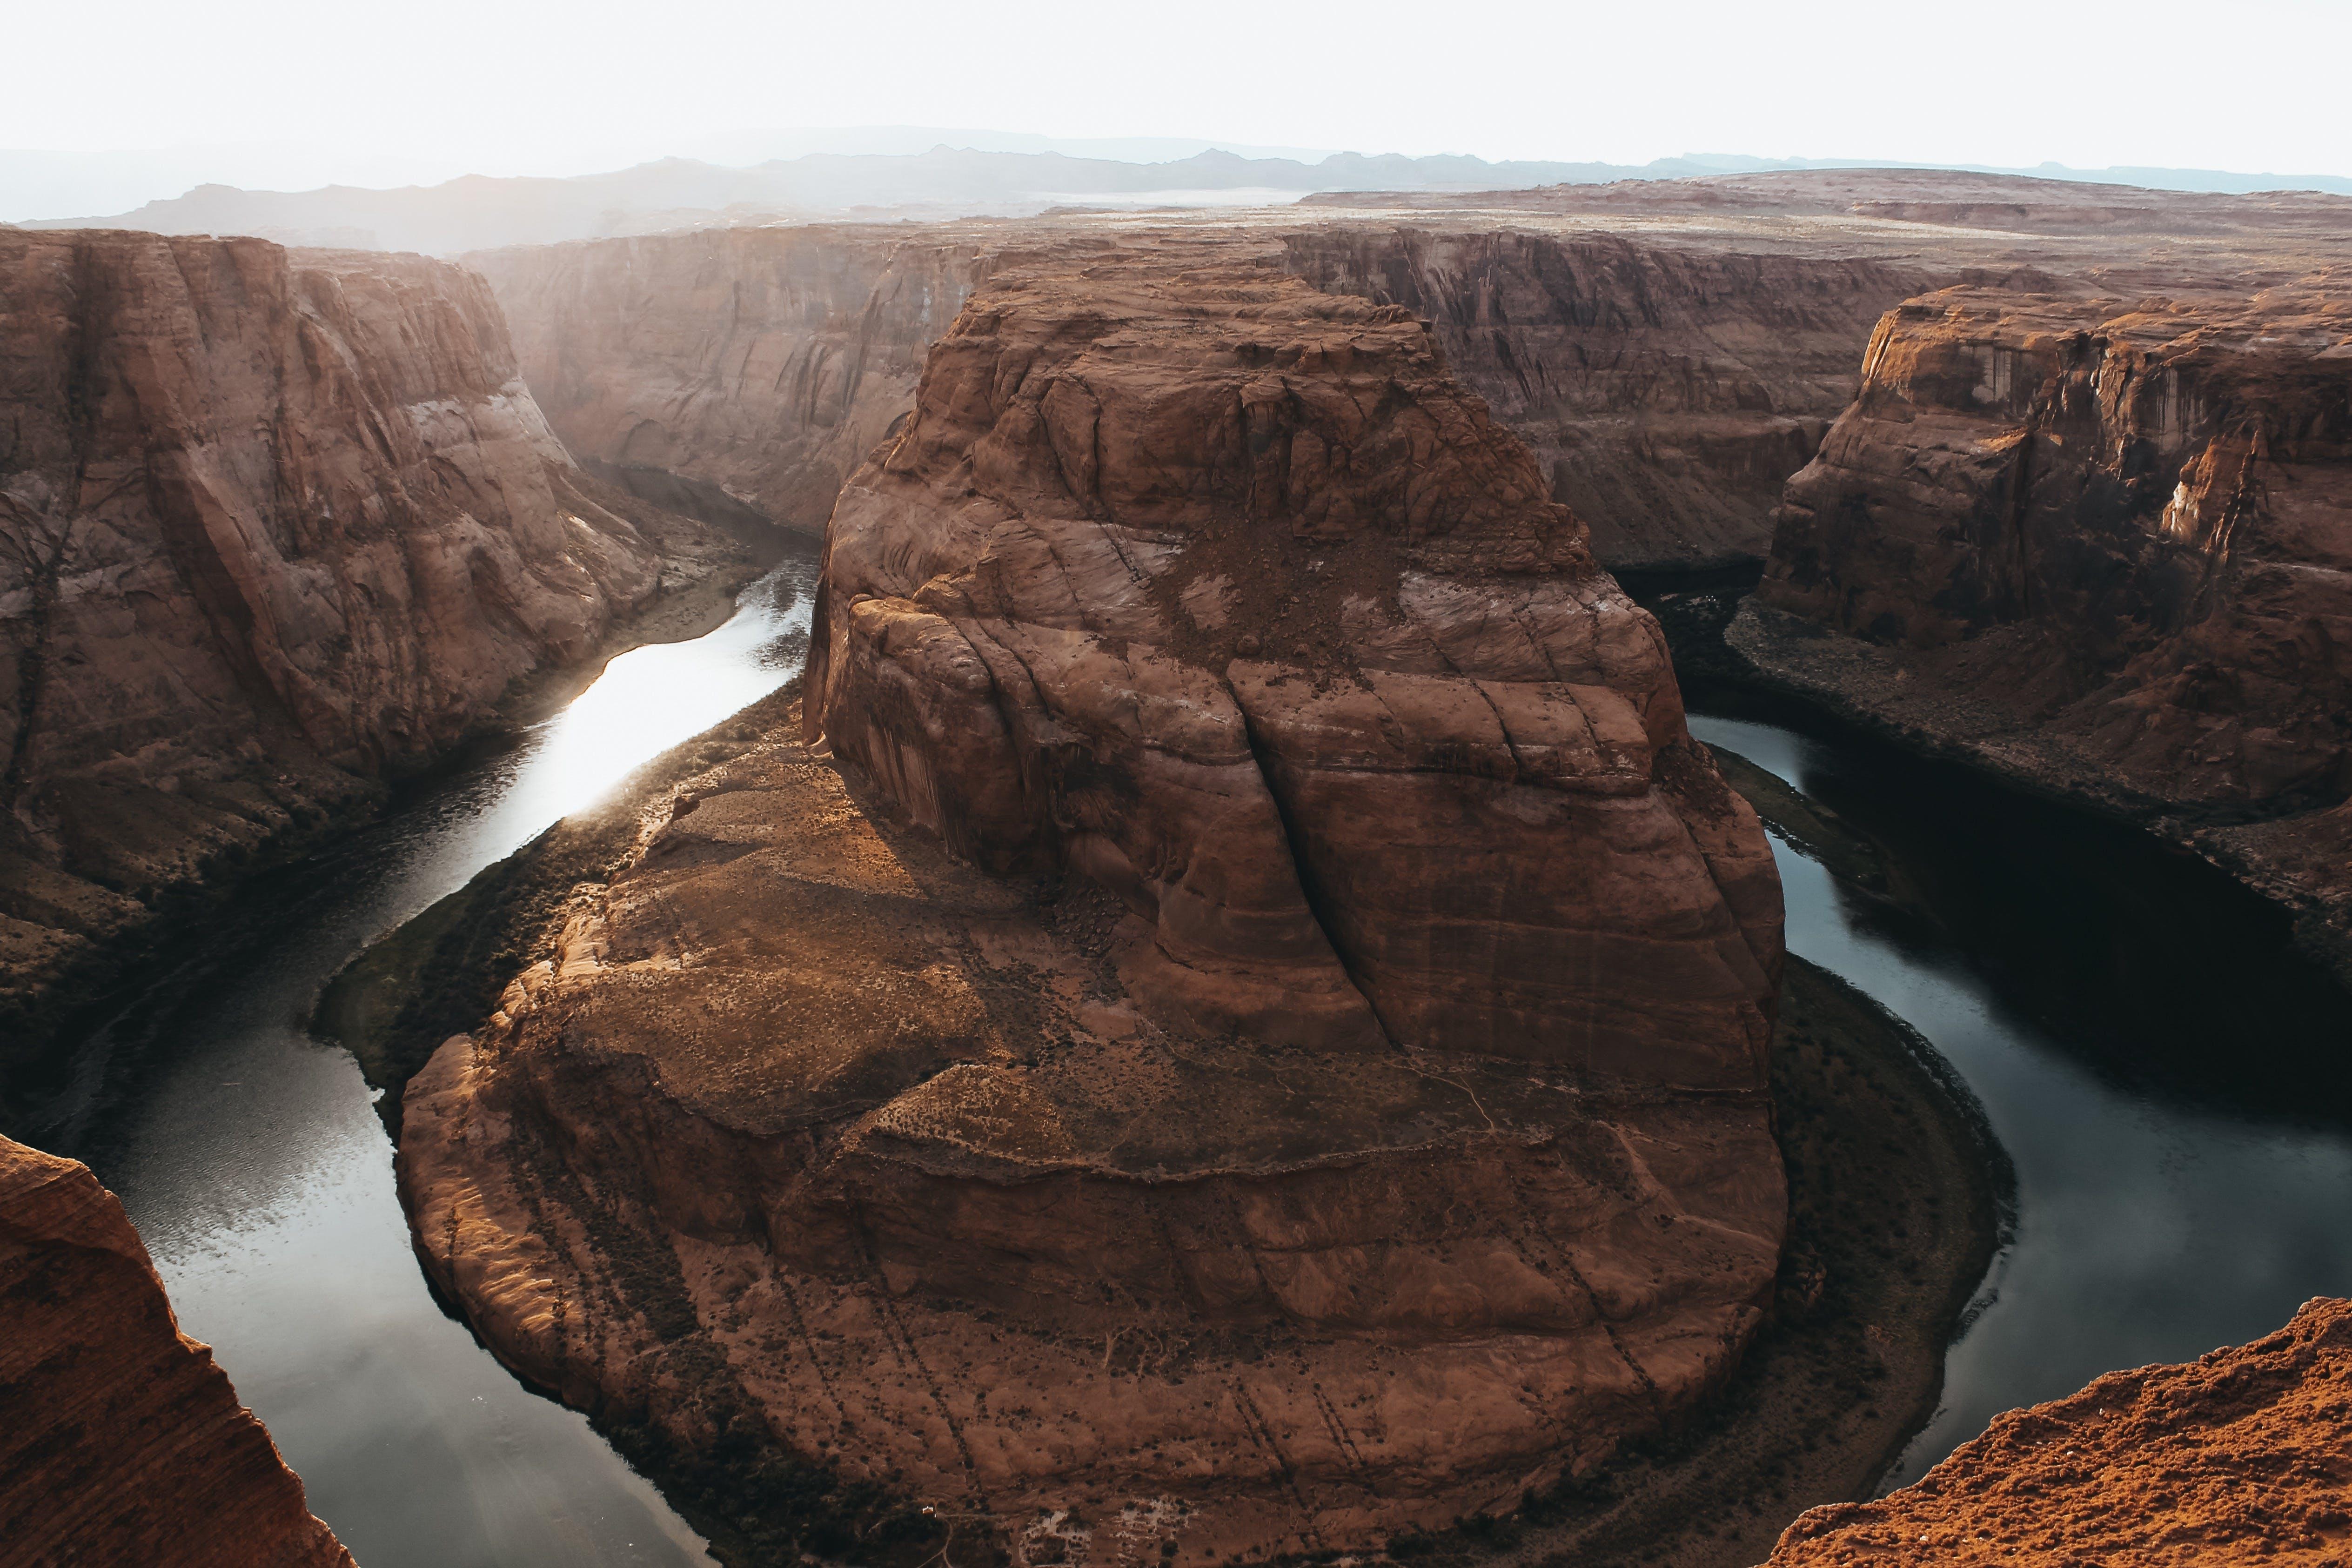 Gratis arkivbilde med arizona, bergformasjoner, canyon, colorado river